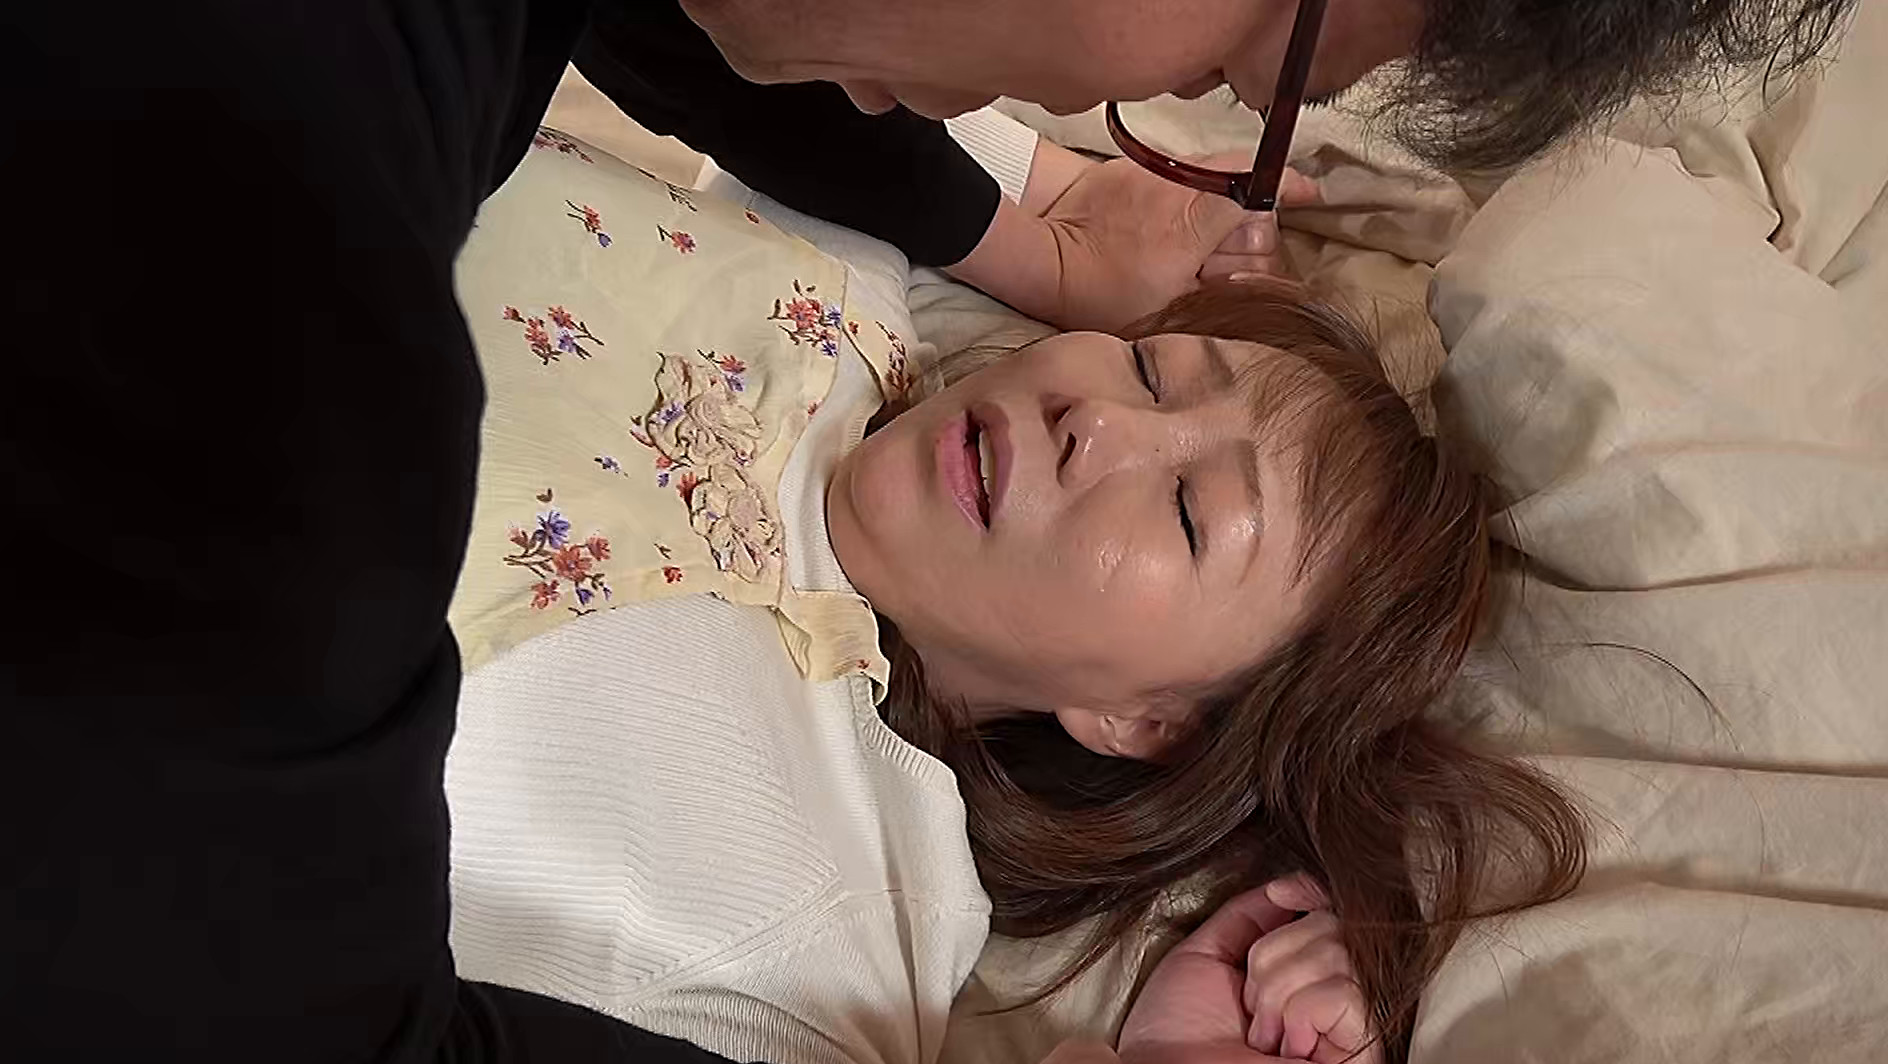 熟妻 五十路家政婦は雇われた主人の餌食になる 喪服妻は葬式当日の朝、義弟に襲われる 画像5